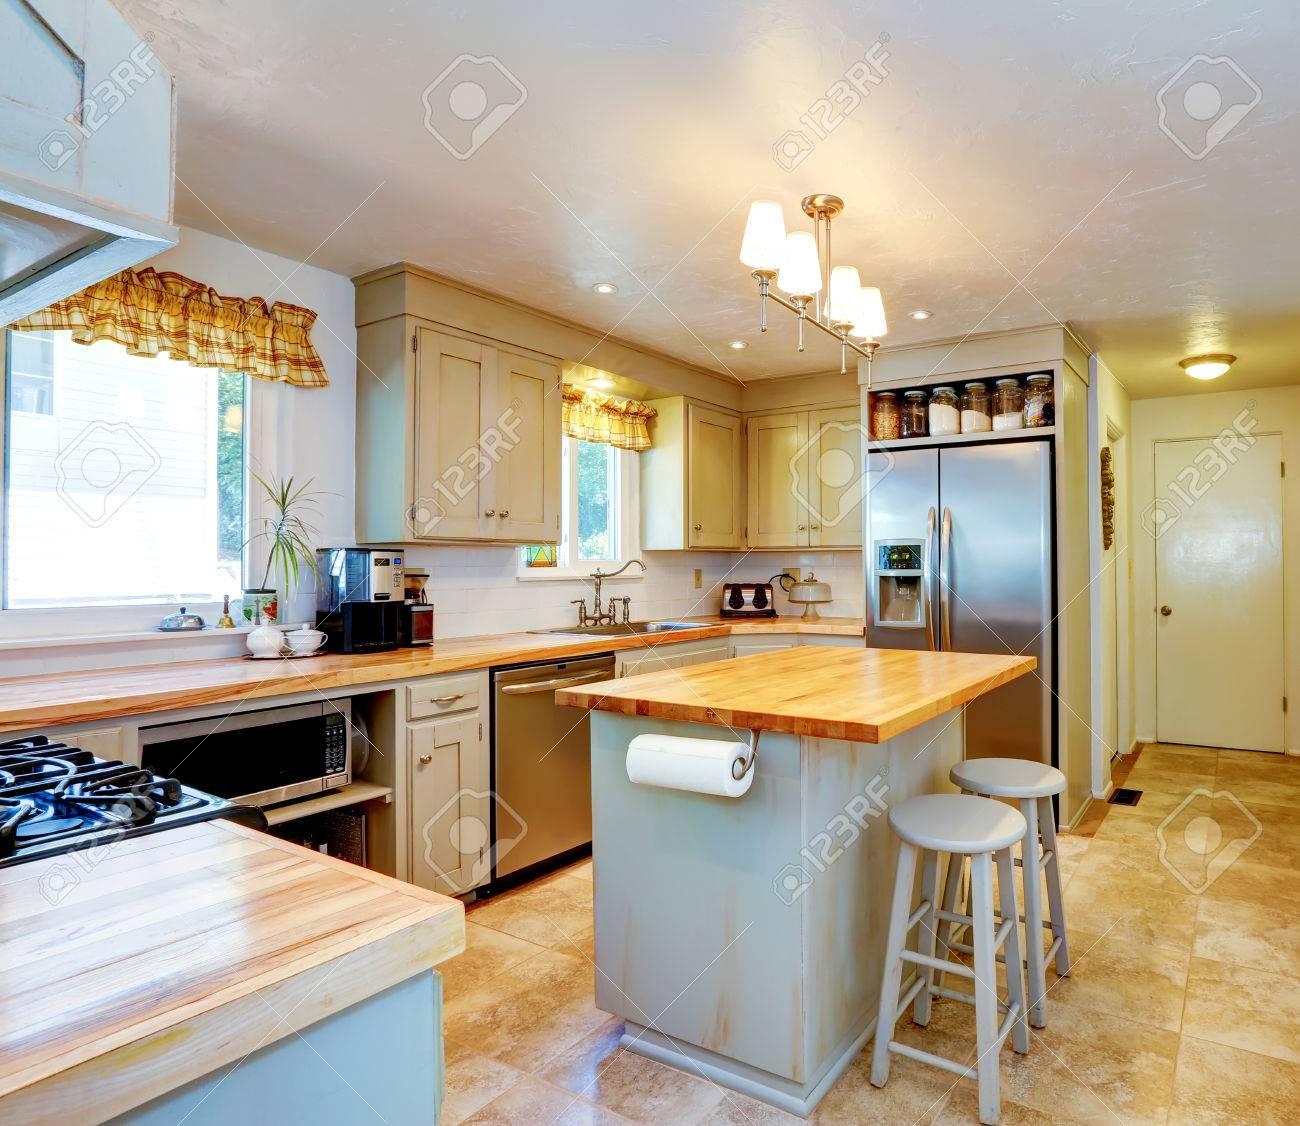 Küche Zimmer Mit Kochinsel, Ss-Geräten Und Beige Fliesen Lizenzfreie ...